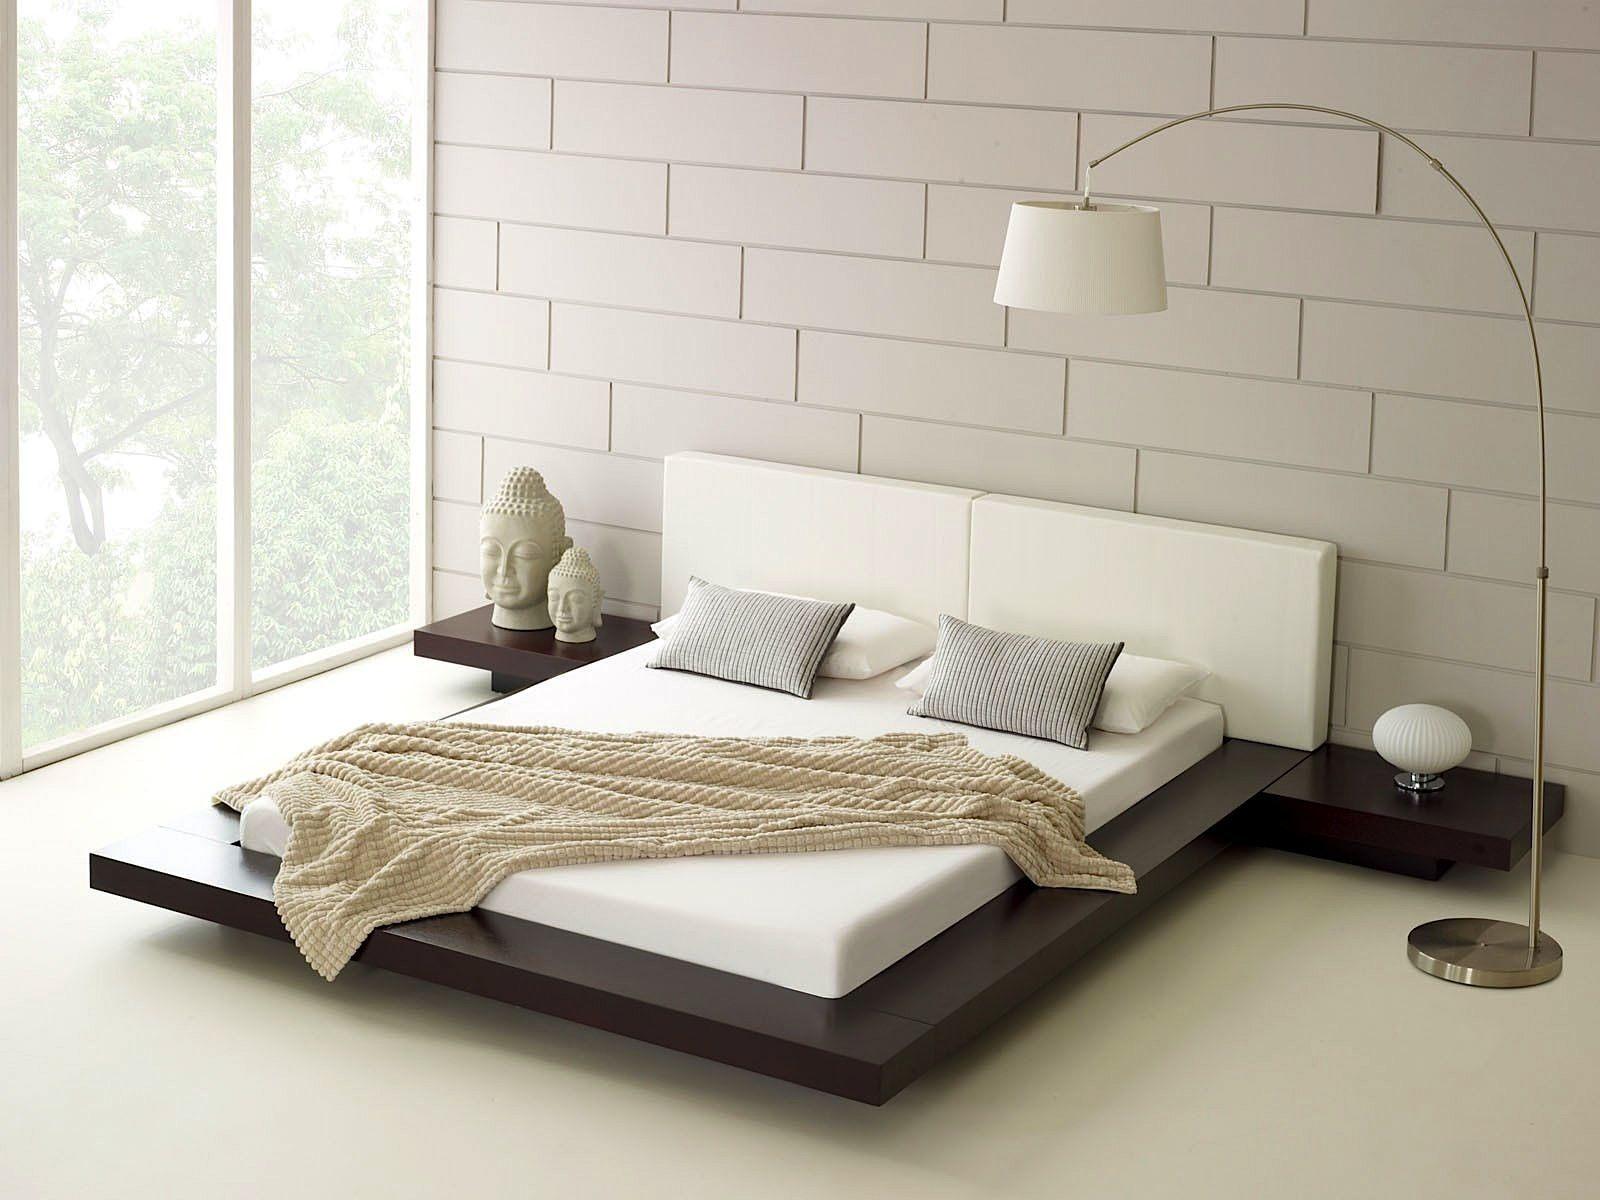 zen style minimalist bedroom with platform bed Home Design